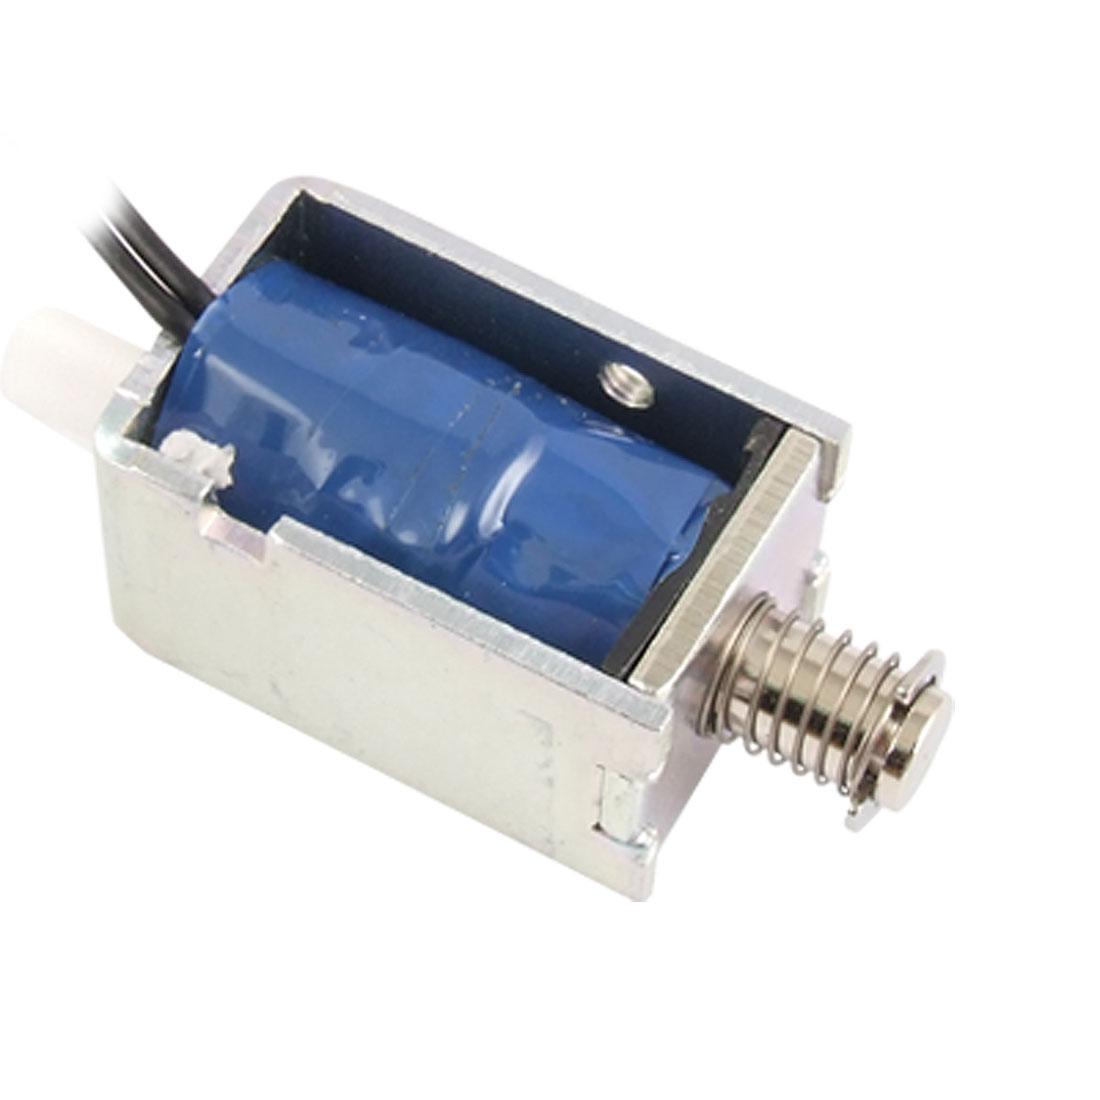 6mm Stroke Push Type Open Frame Linear Solenoid Electromagnet DC 24V